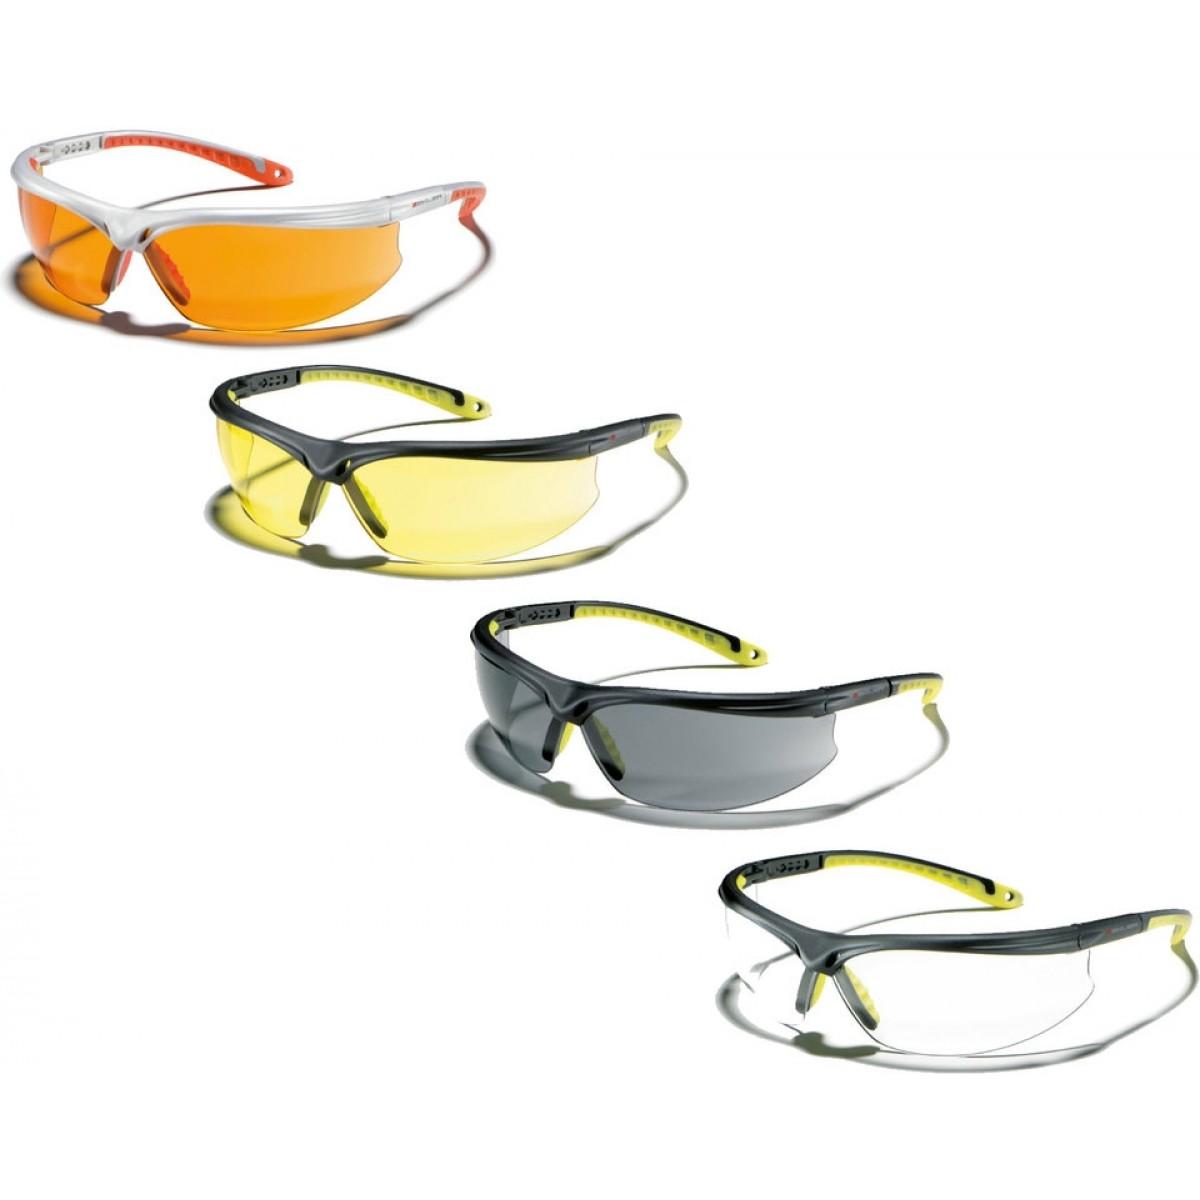 Beskyttelsesbriller ZEKLER 45-31